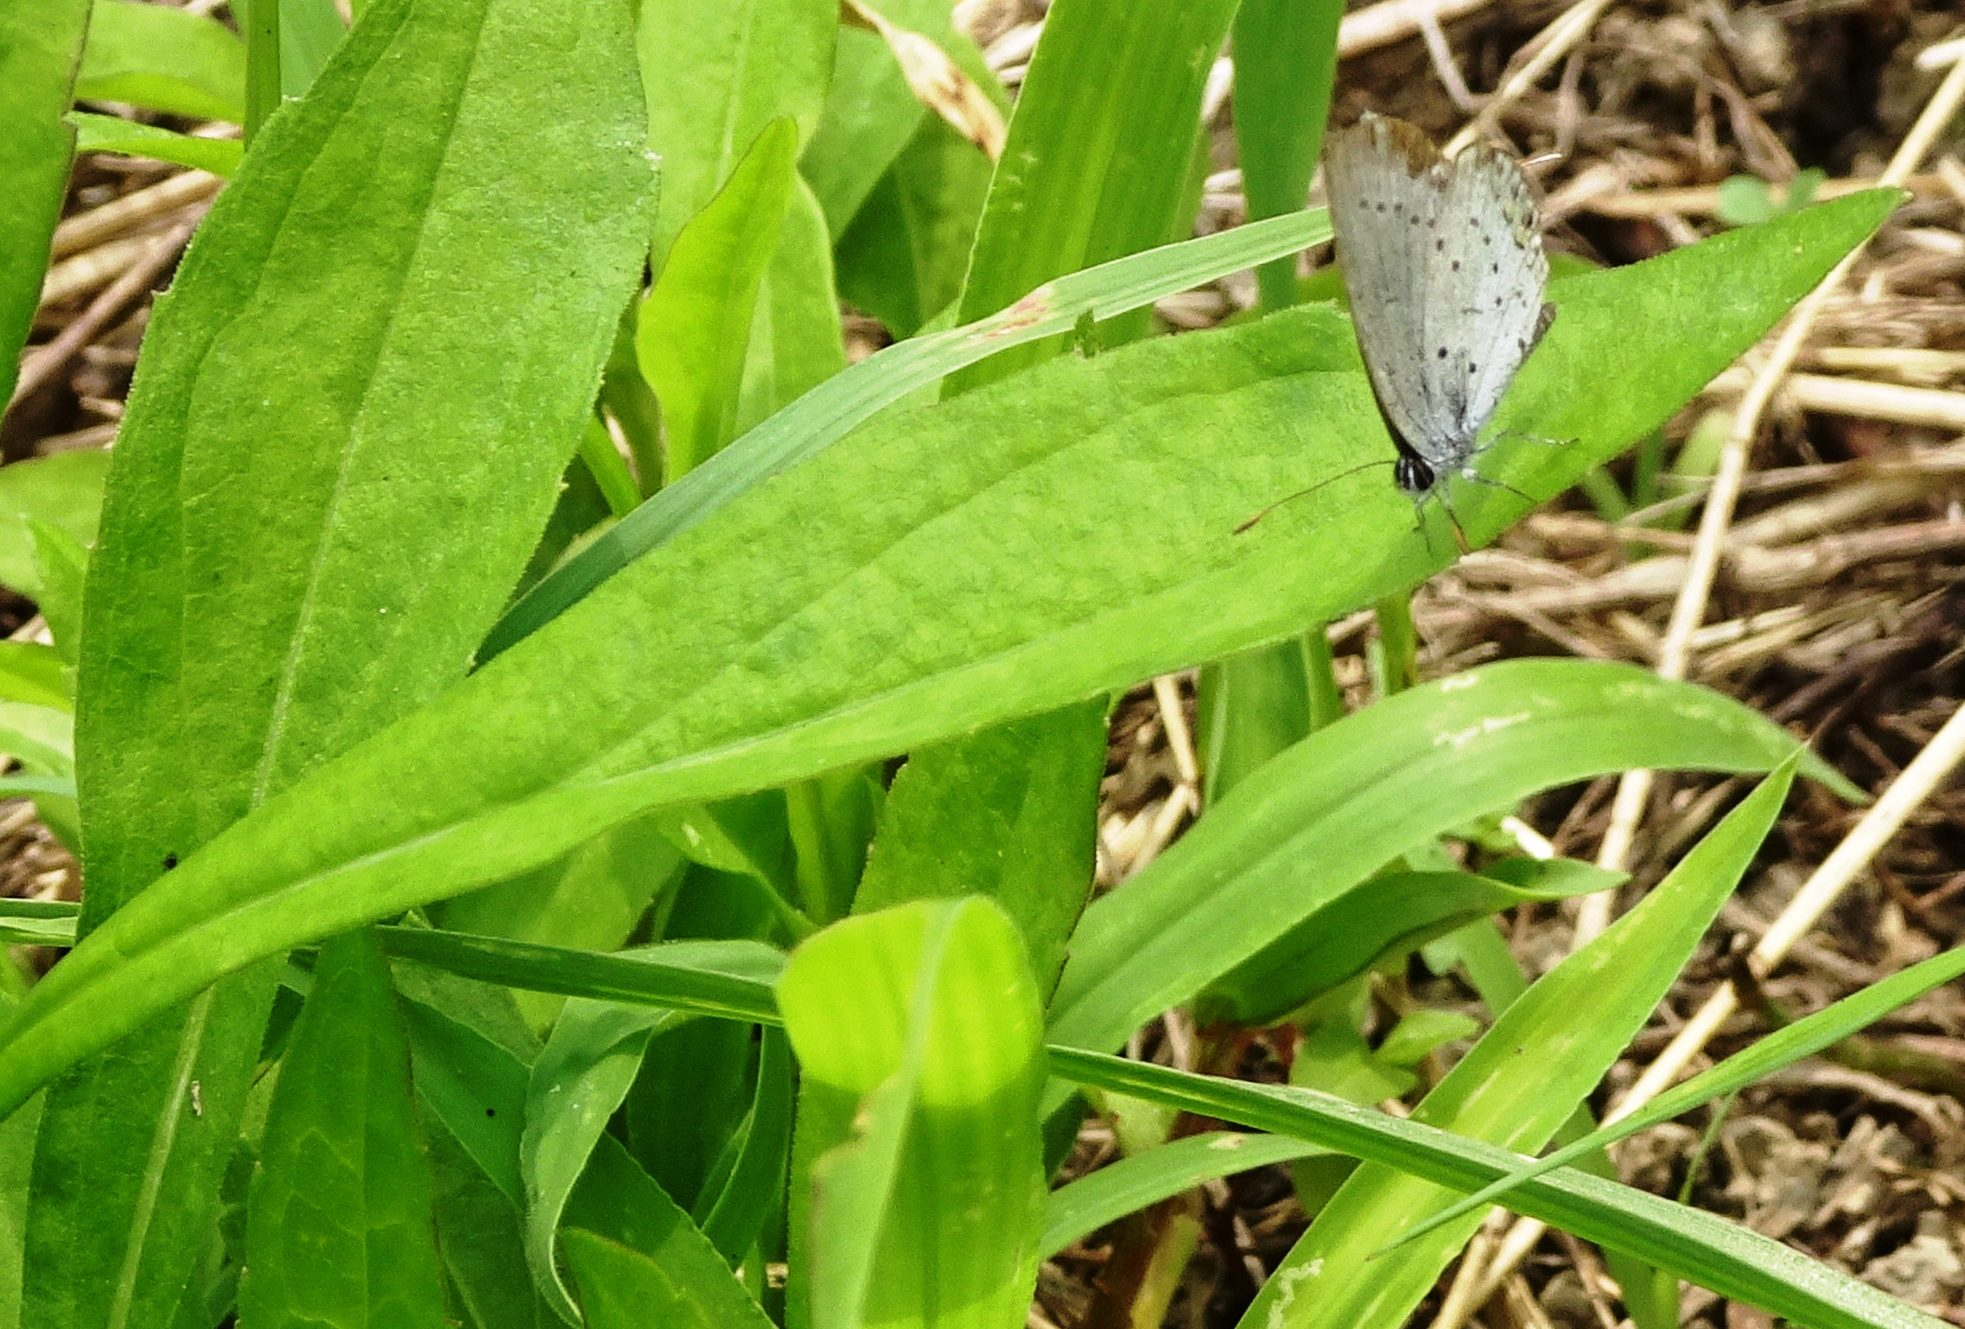 ヤマトシジミ(大和小灰蝶)